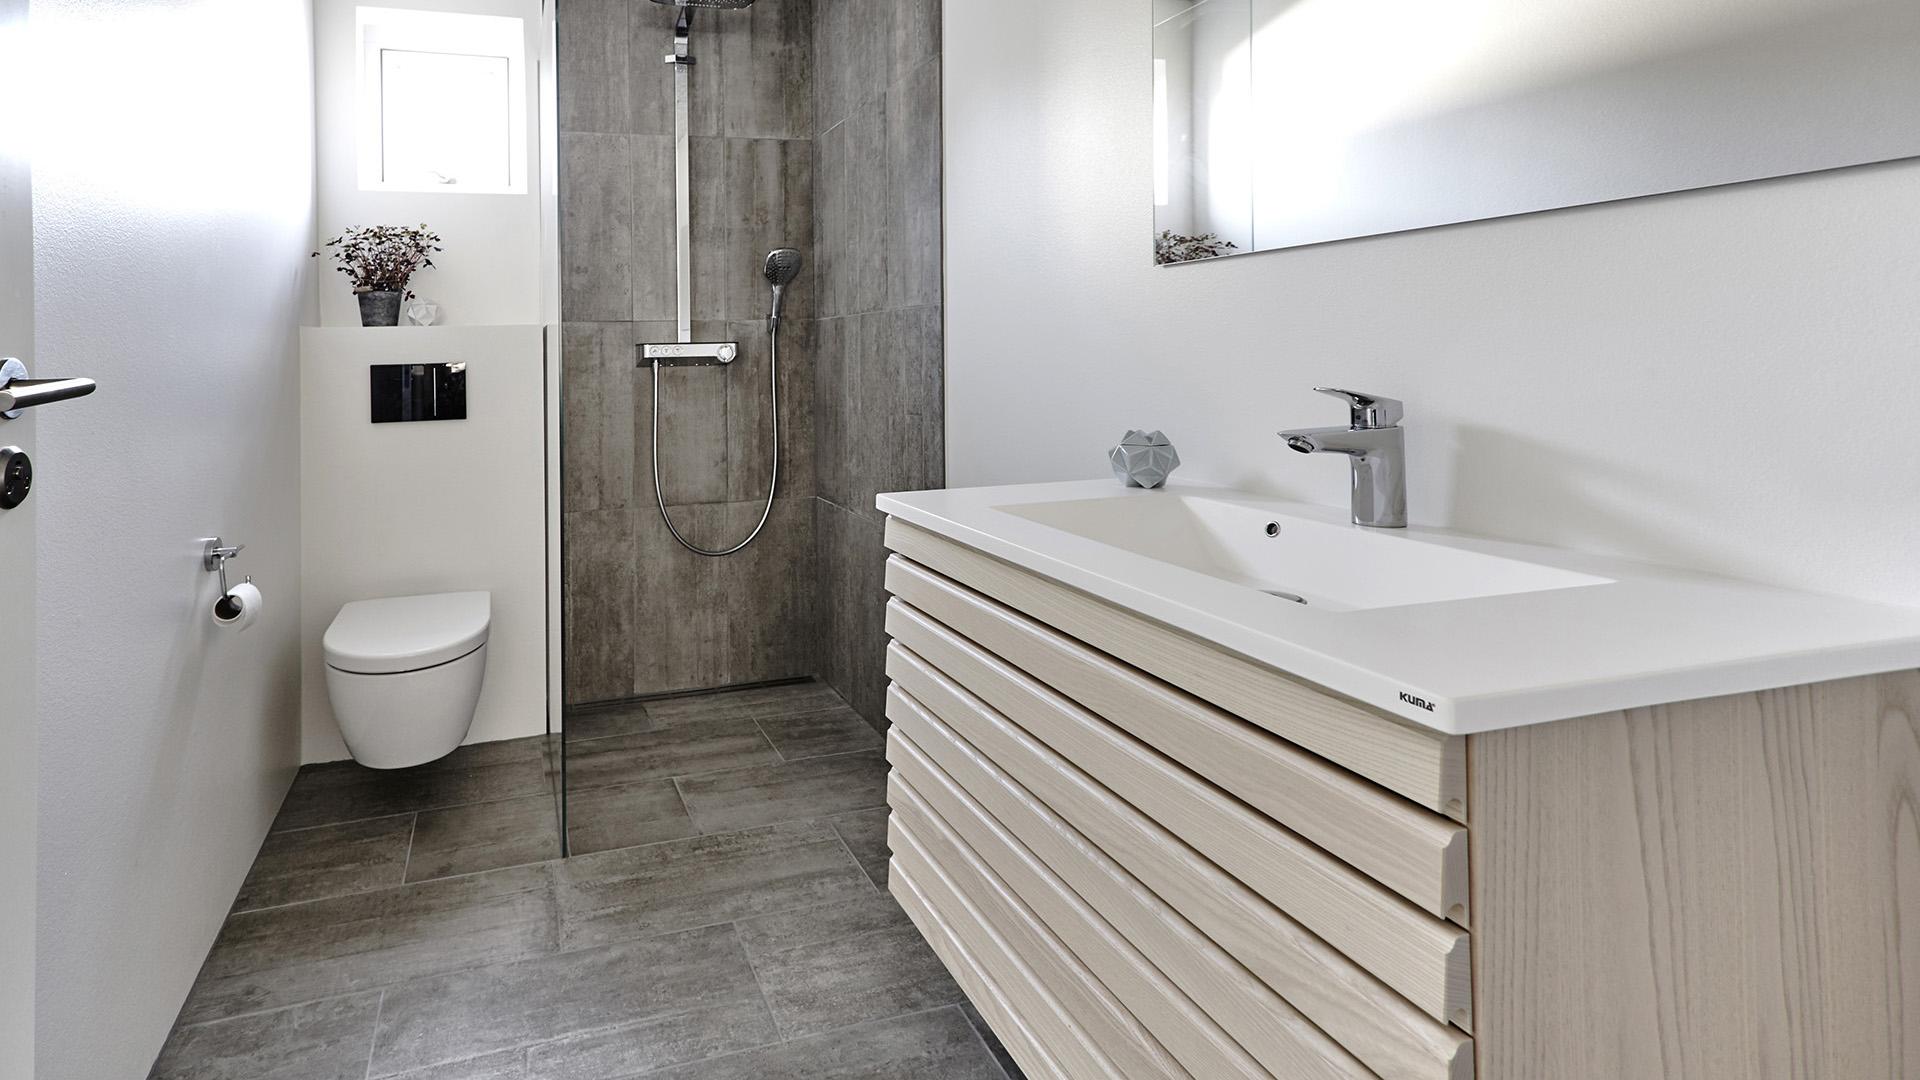 Rask M-line badeværelse - rene linjer i massiv træ | Tvis Køkkener TU-19